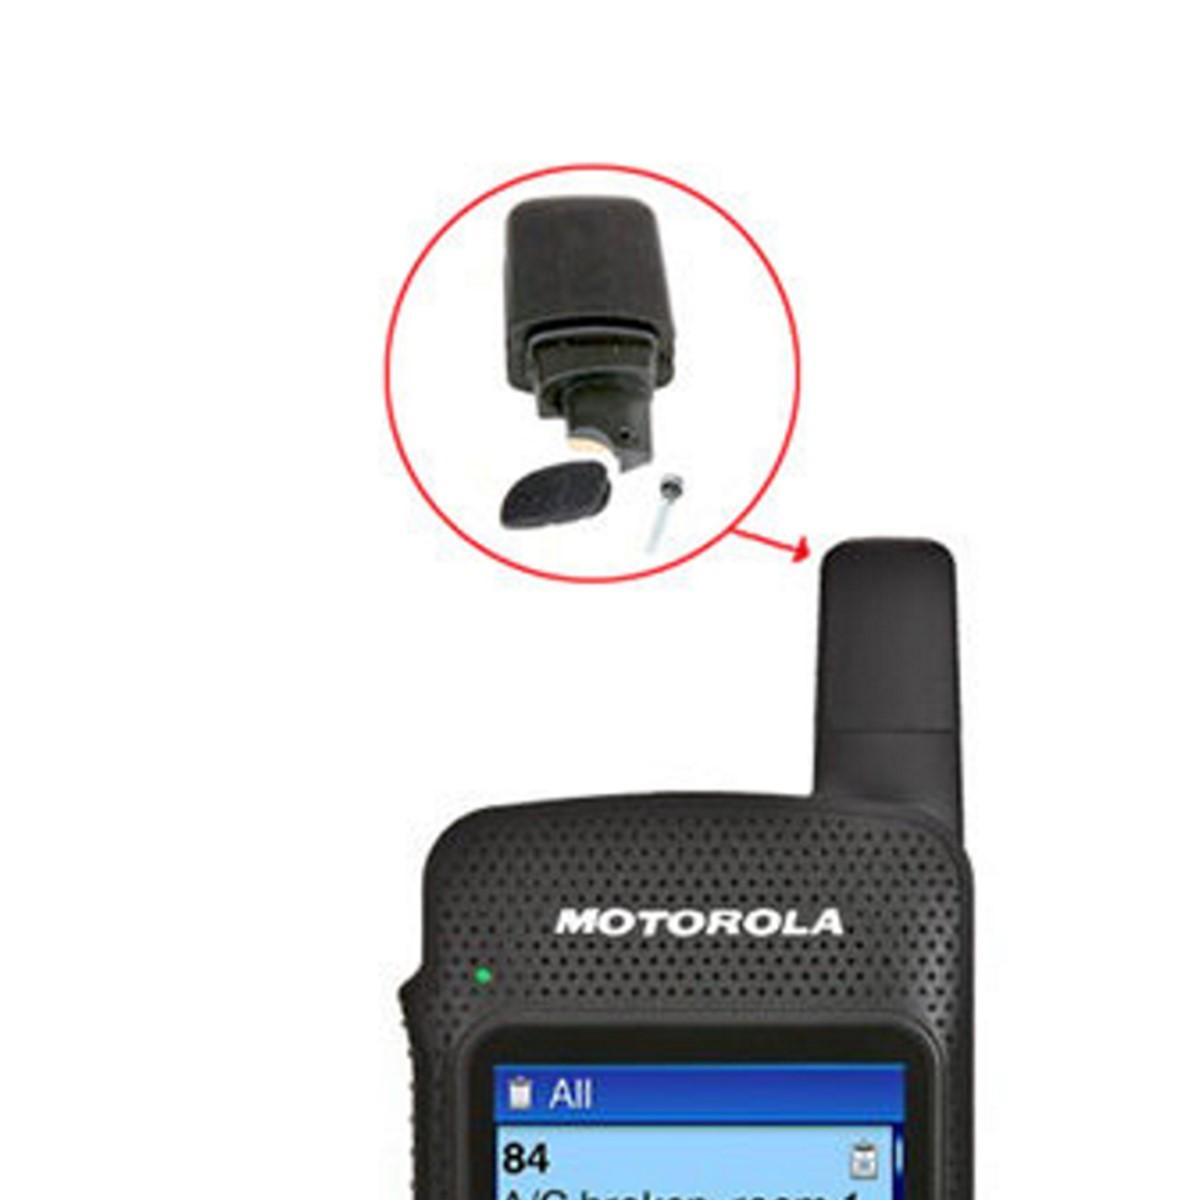 Antena Motorola para radio SL8550e UHF tipo Stubby PMAE4077